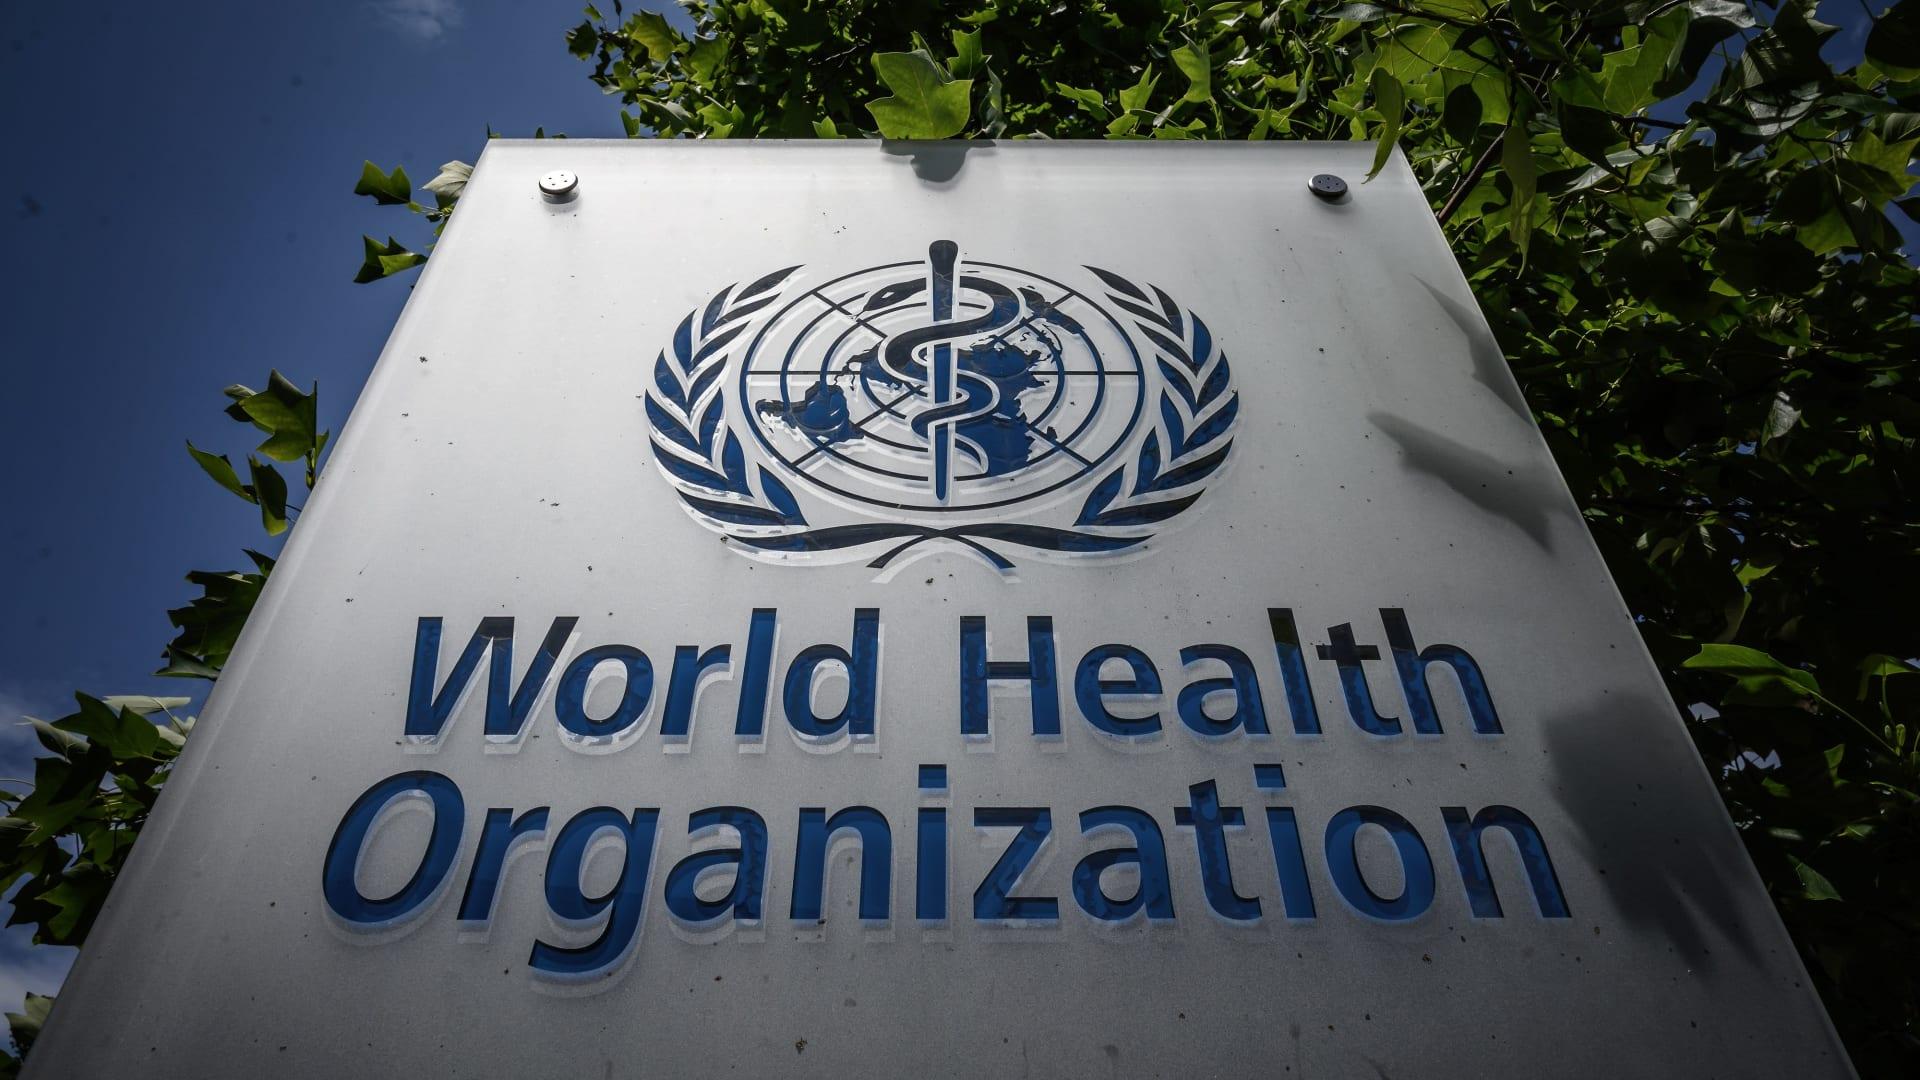 منظمة الصحة العالمية: الإصابات بفيروس كورونا تنخفض حول العالم للأسبوع الخامس على التوالي